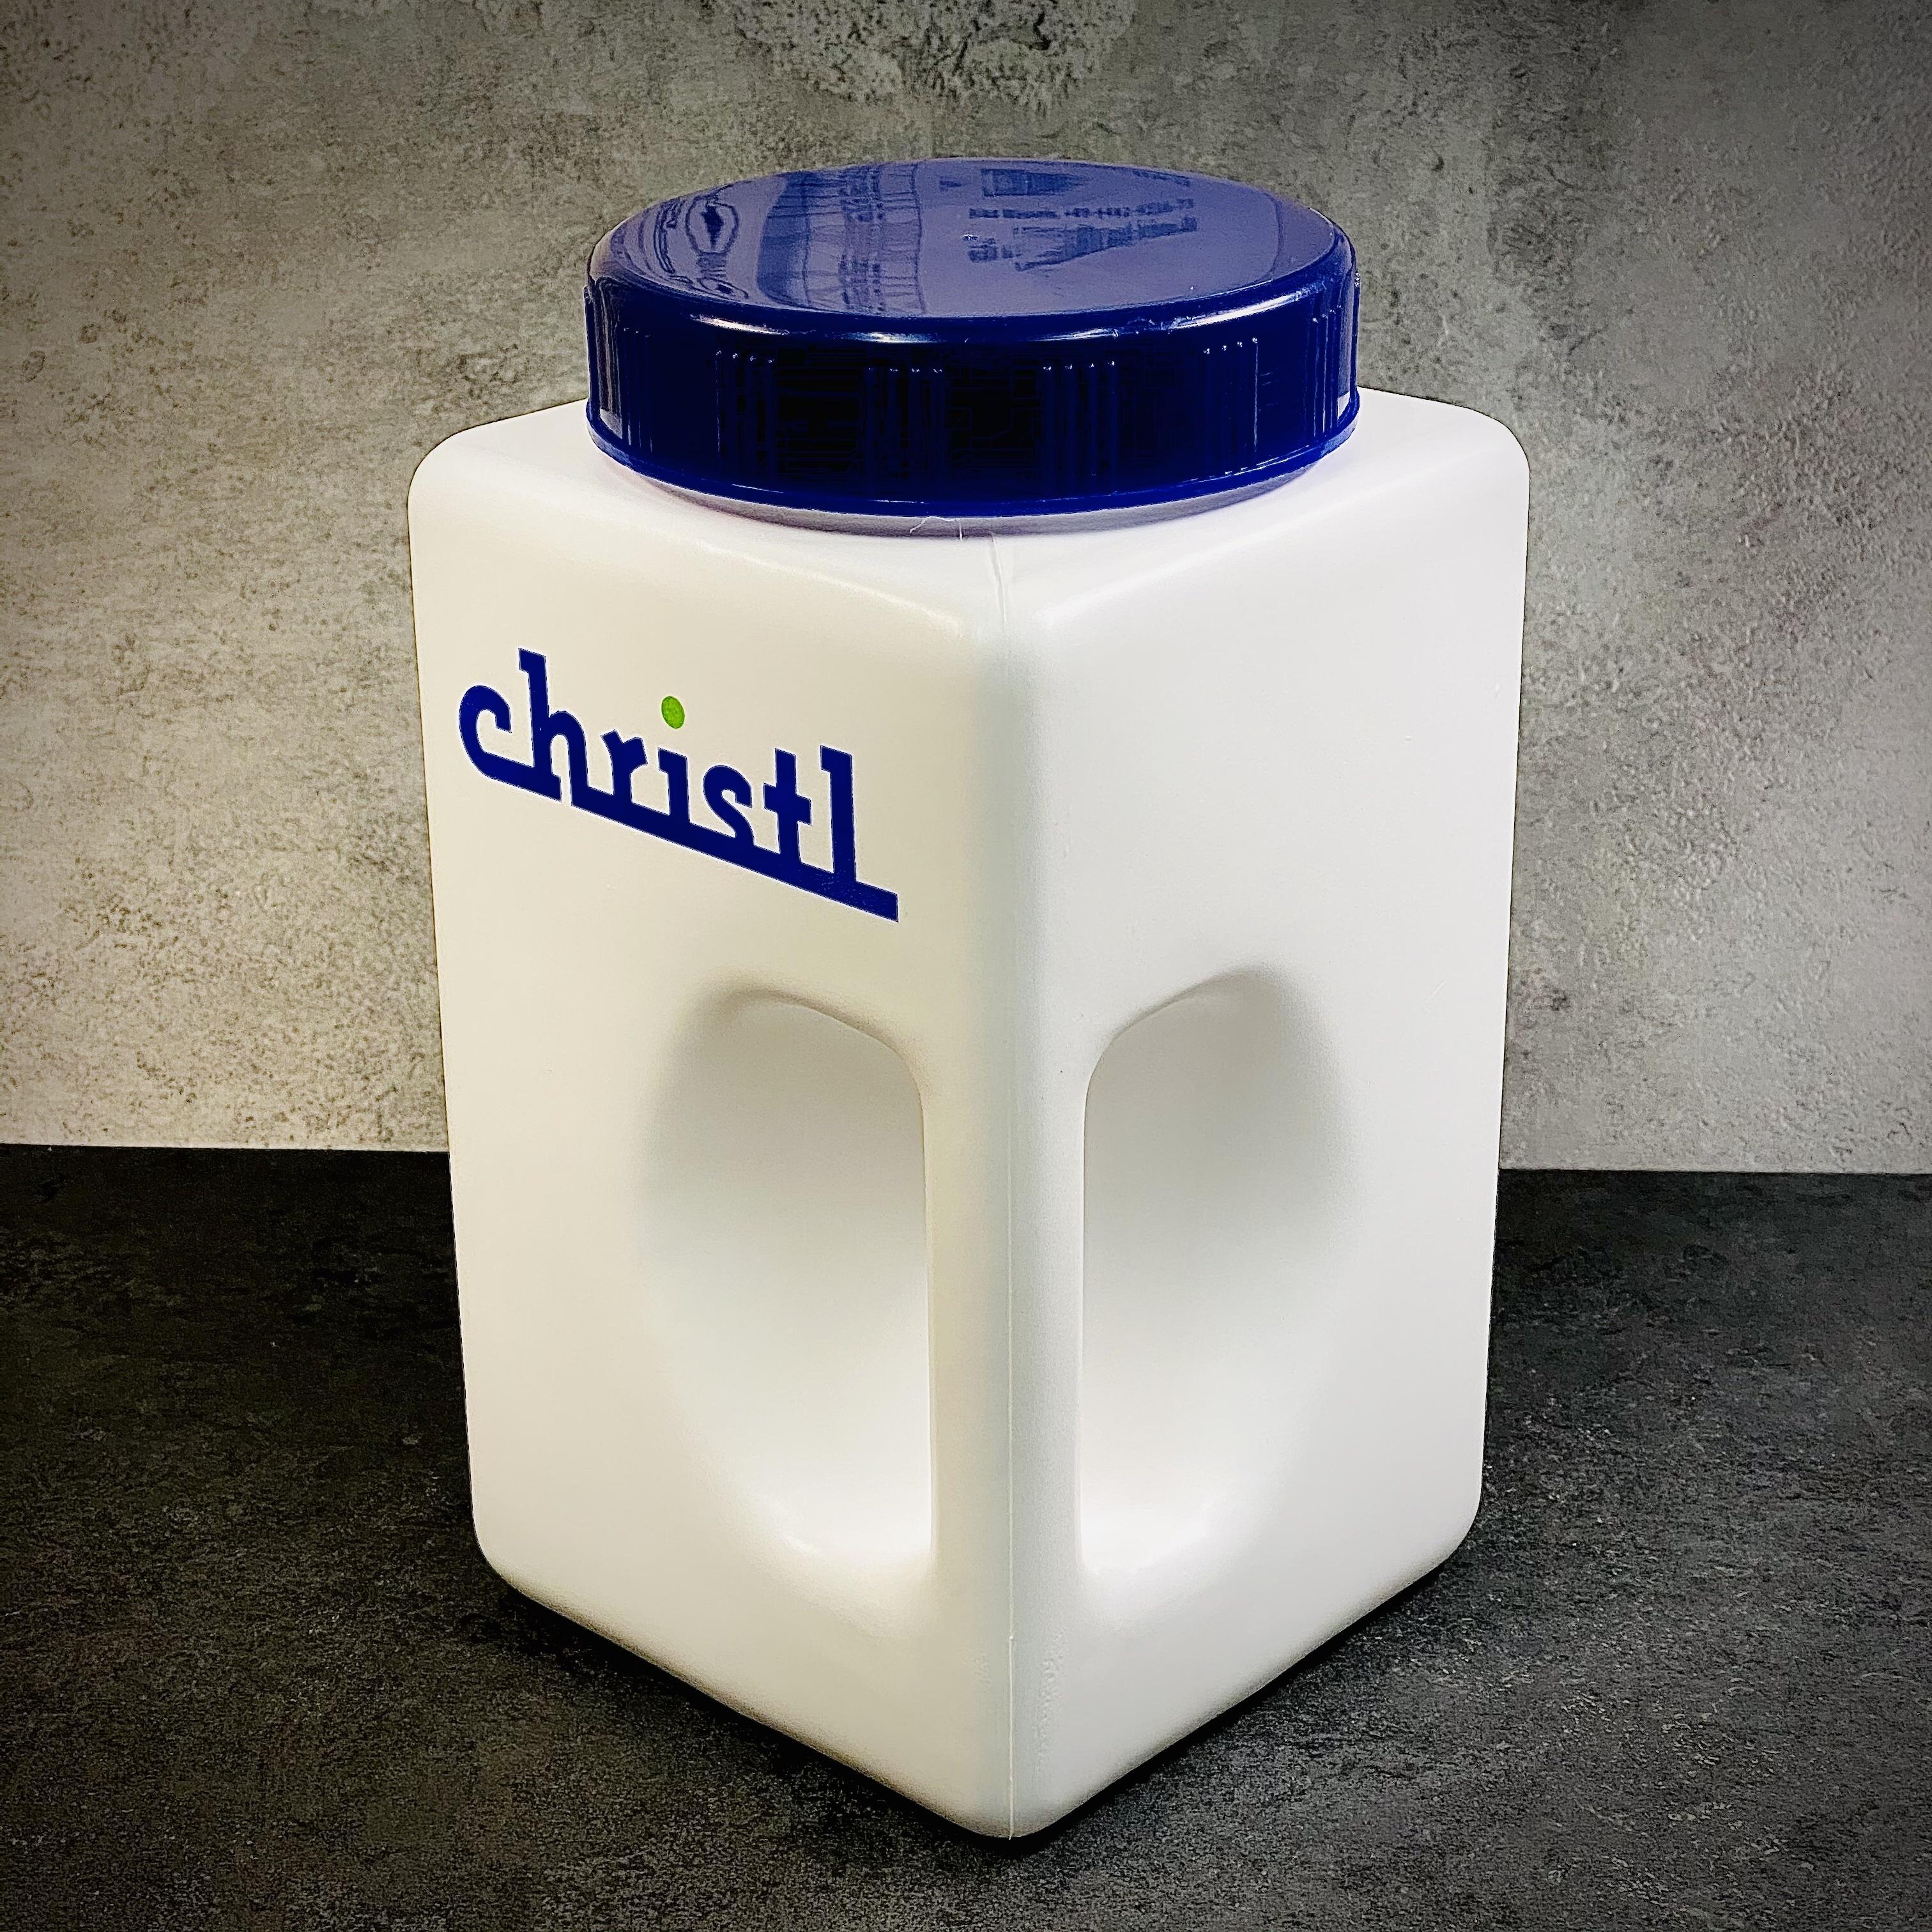 CHRISTL | CHRISALE Gewürzdose, weiß mit blauem Schraubverschluss, Schütte, Gewürzschütte, 3,9 Liter